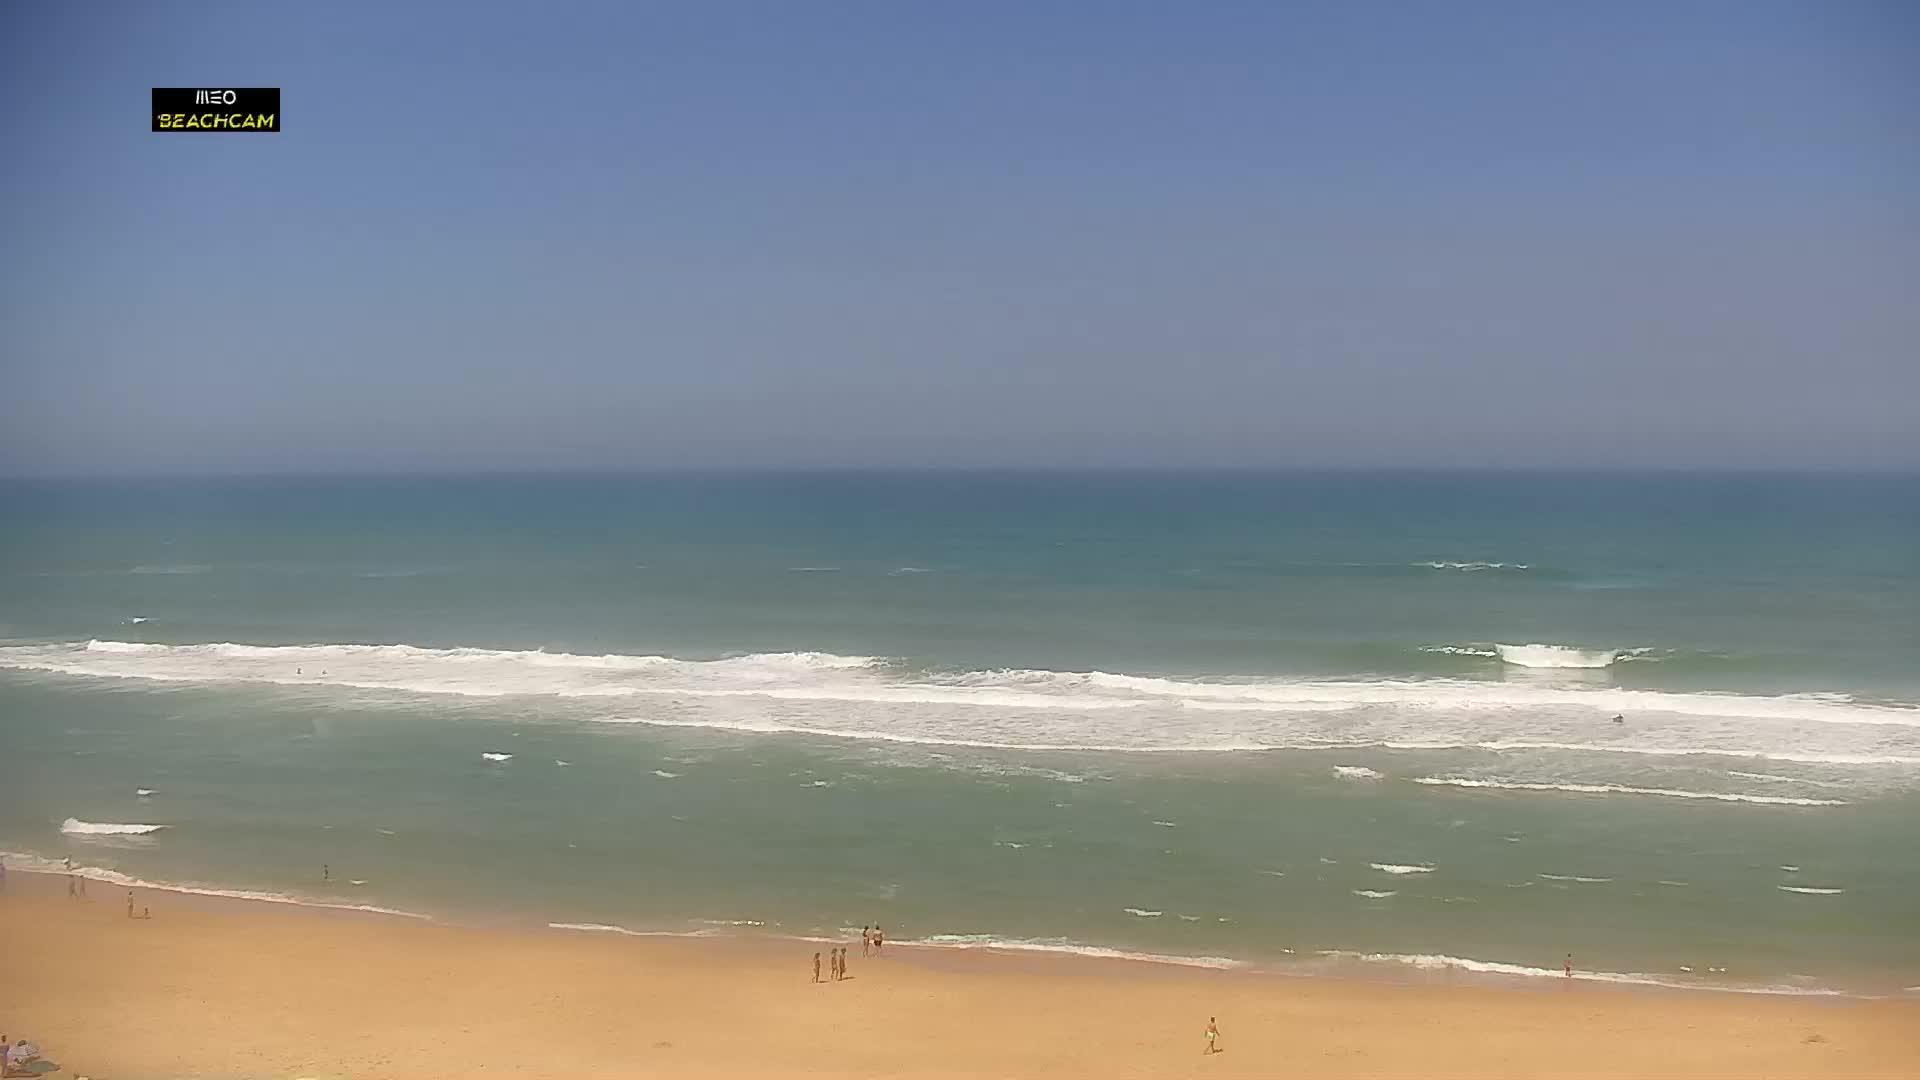 Praia Grande Di. 12:53